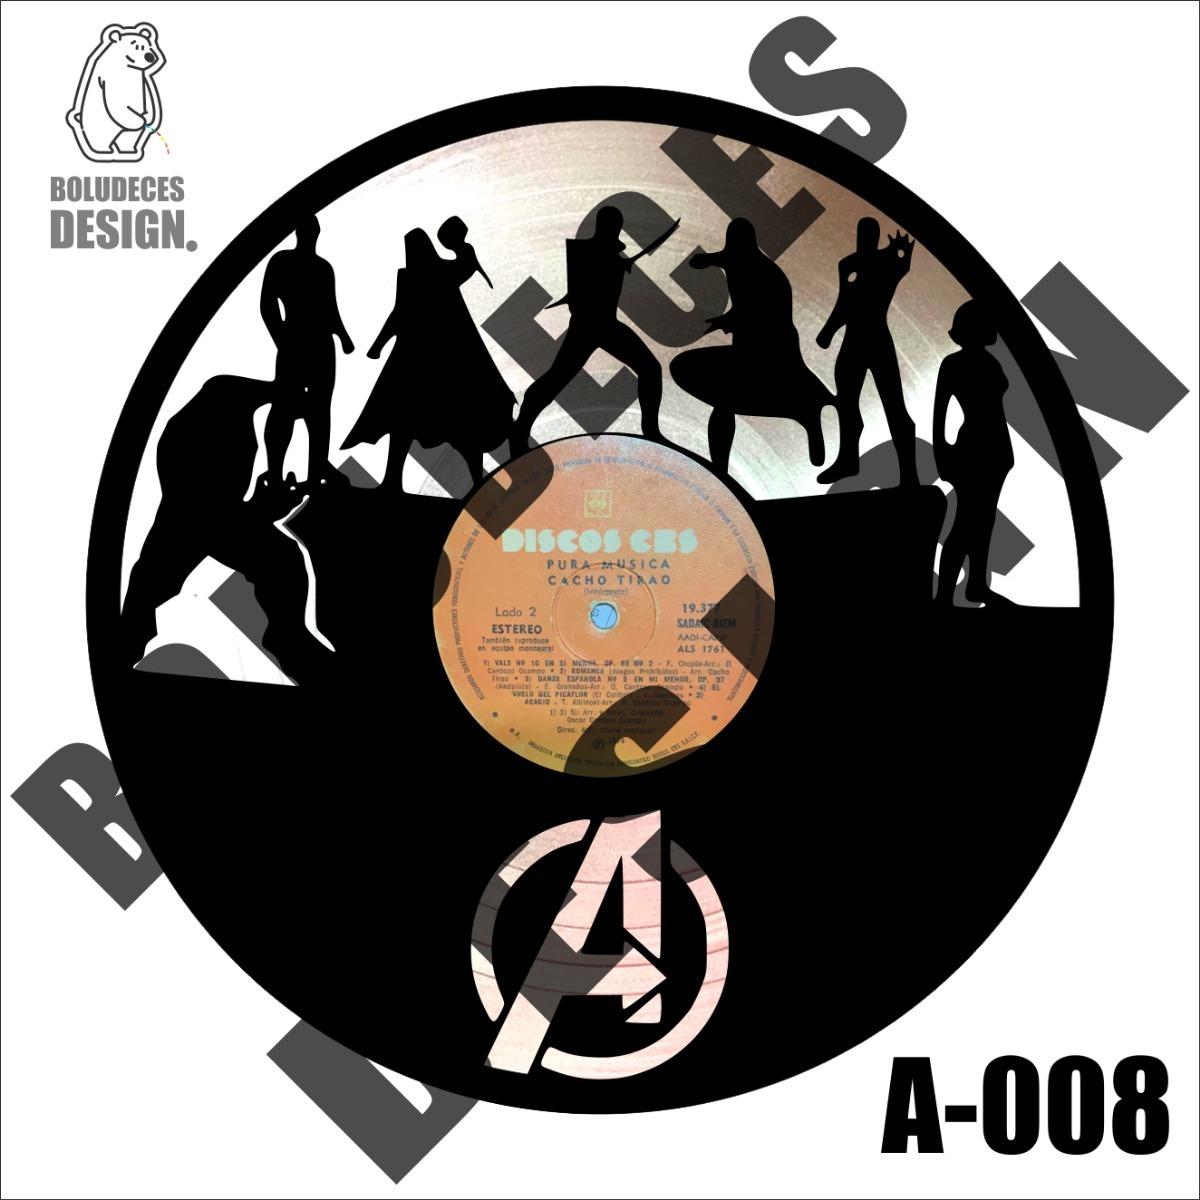 Cuadro Decorativo Disco Vinilo Diseño Evangers Exclusivos